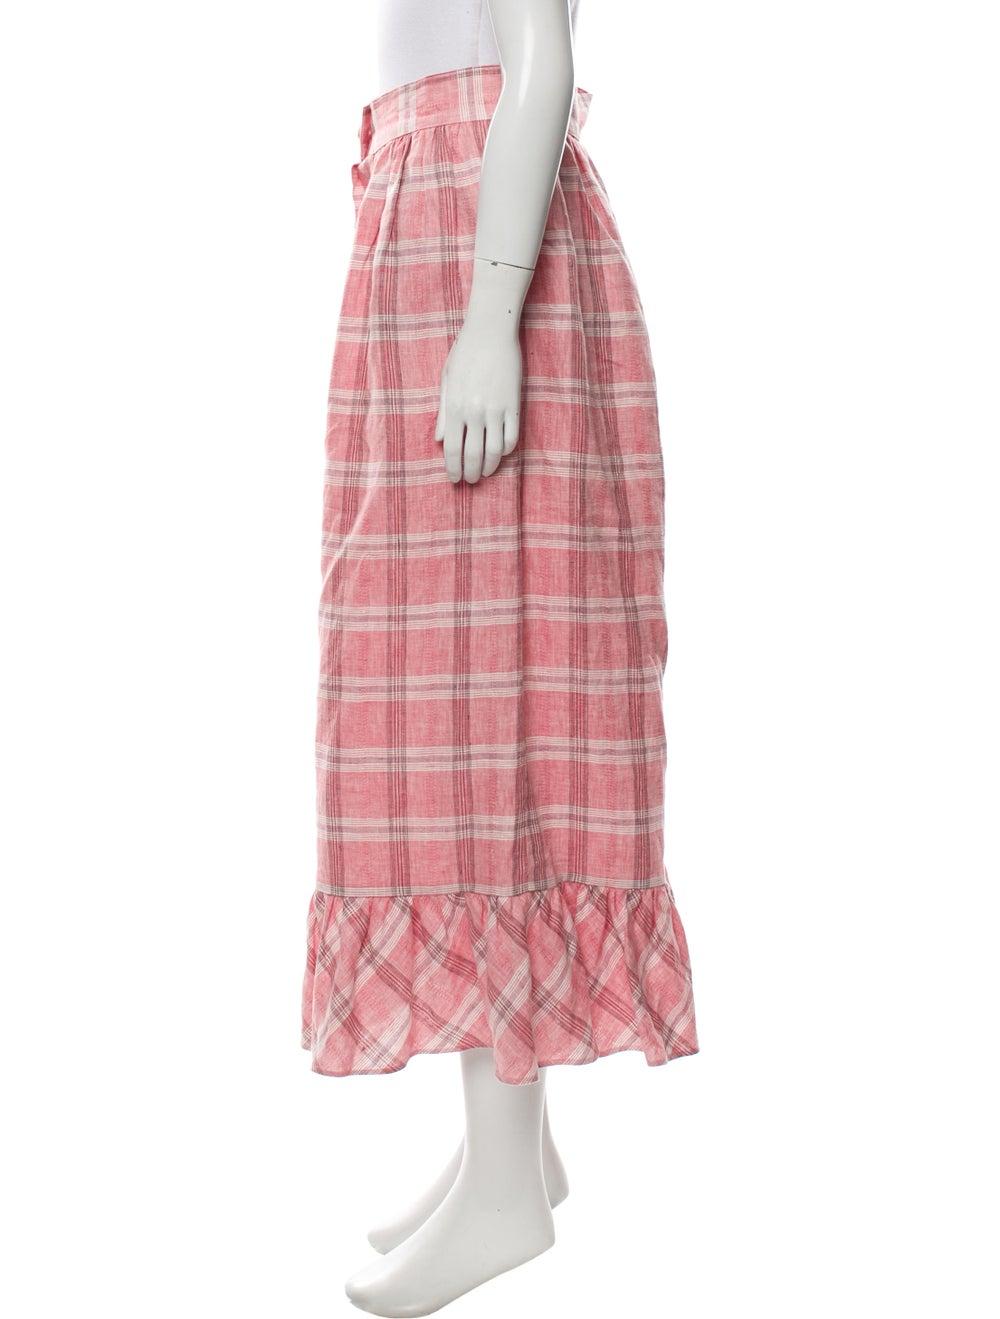 Markarian 2019 Gingham Pattern Skirt Pink - image 2